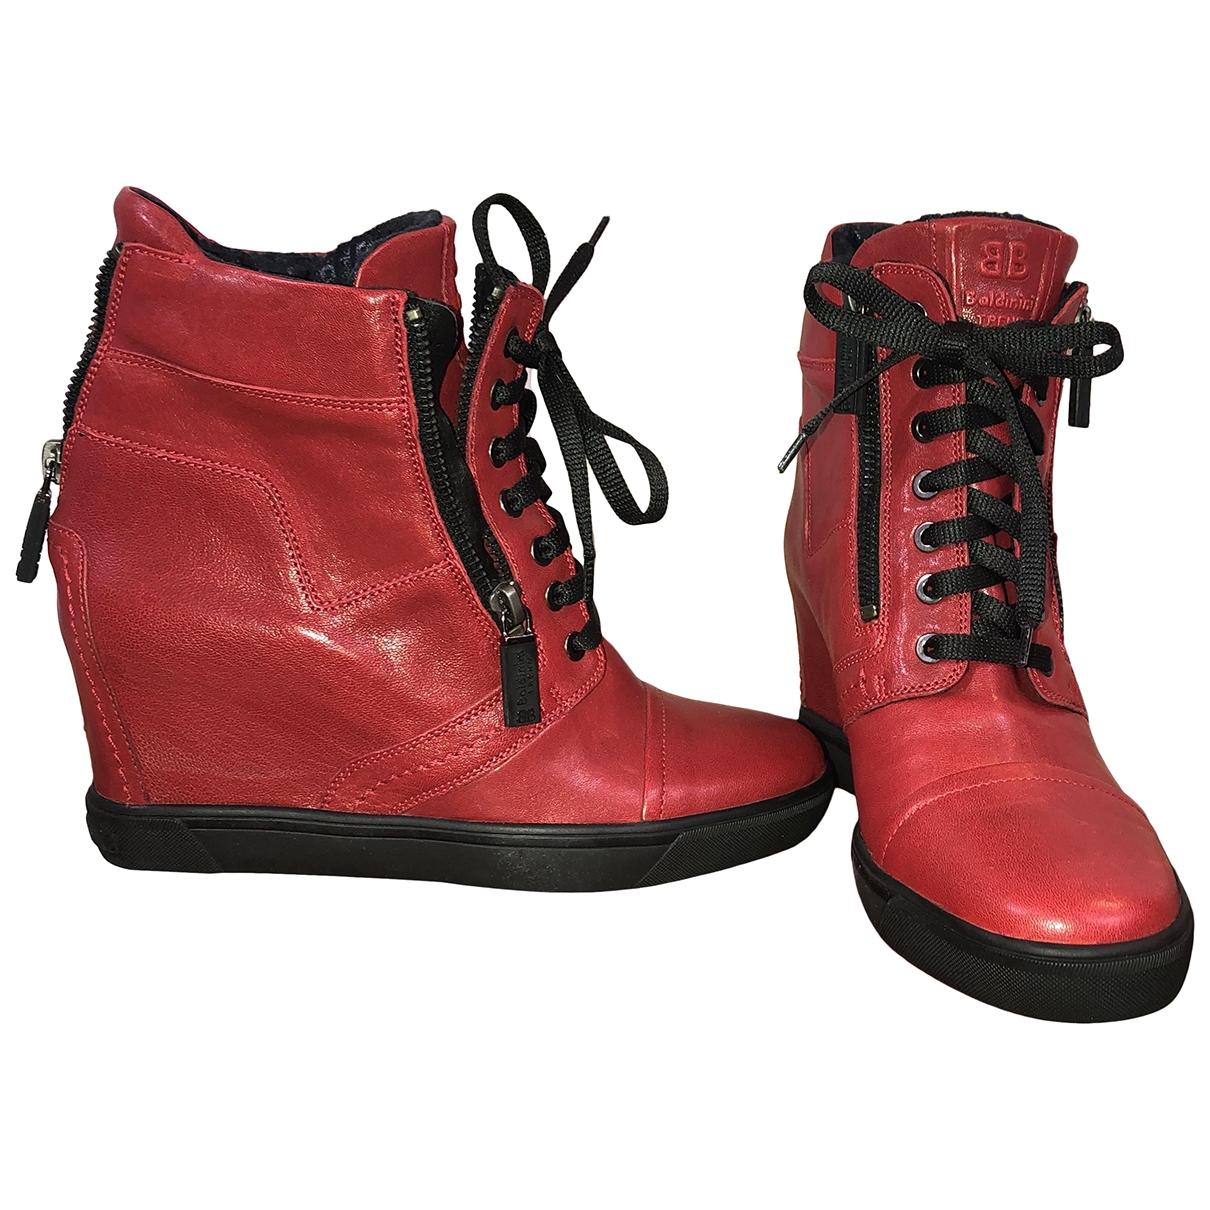 Baldinini \N Stiefeletten in  Rot Leder